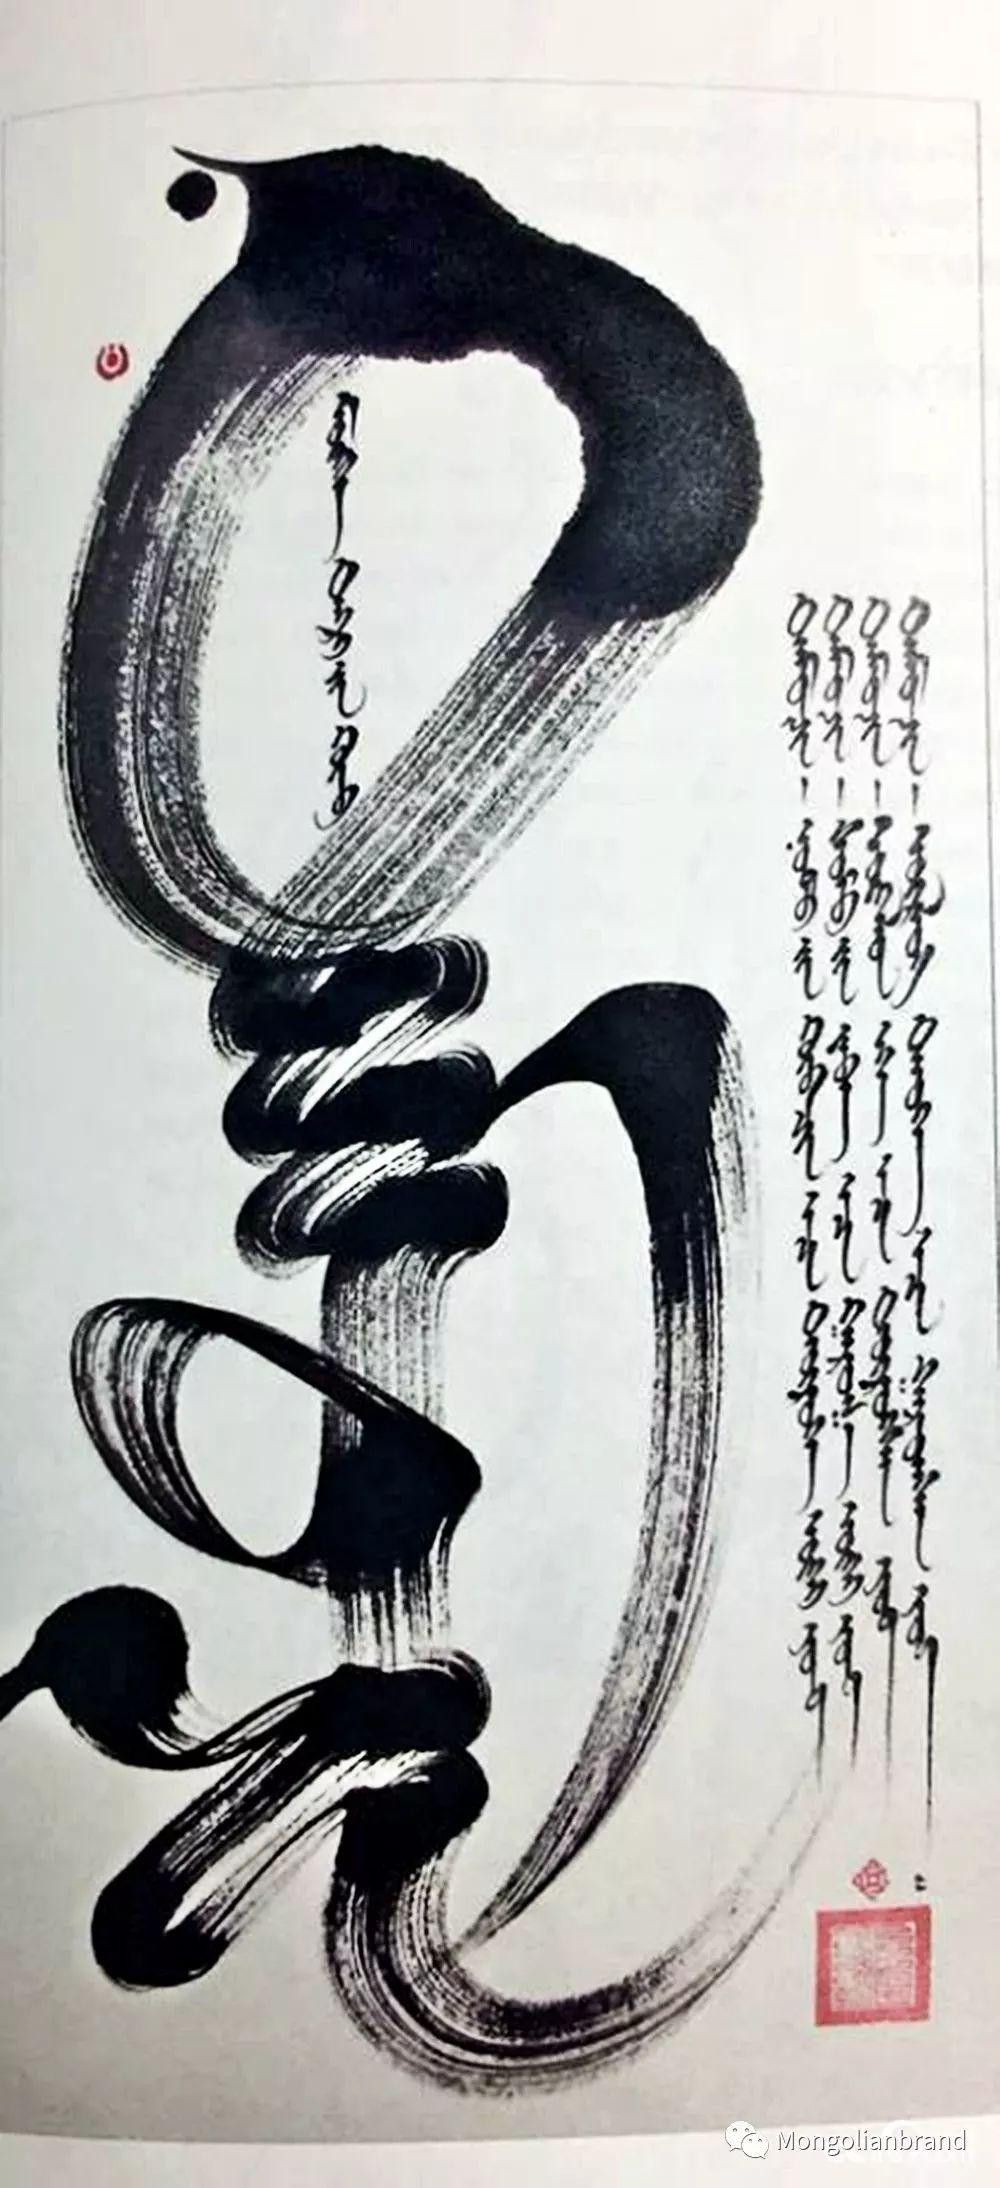 同样是竖体蒙古文,蒙古国的书法与我们不一样【组图】 第15张